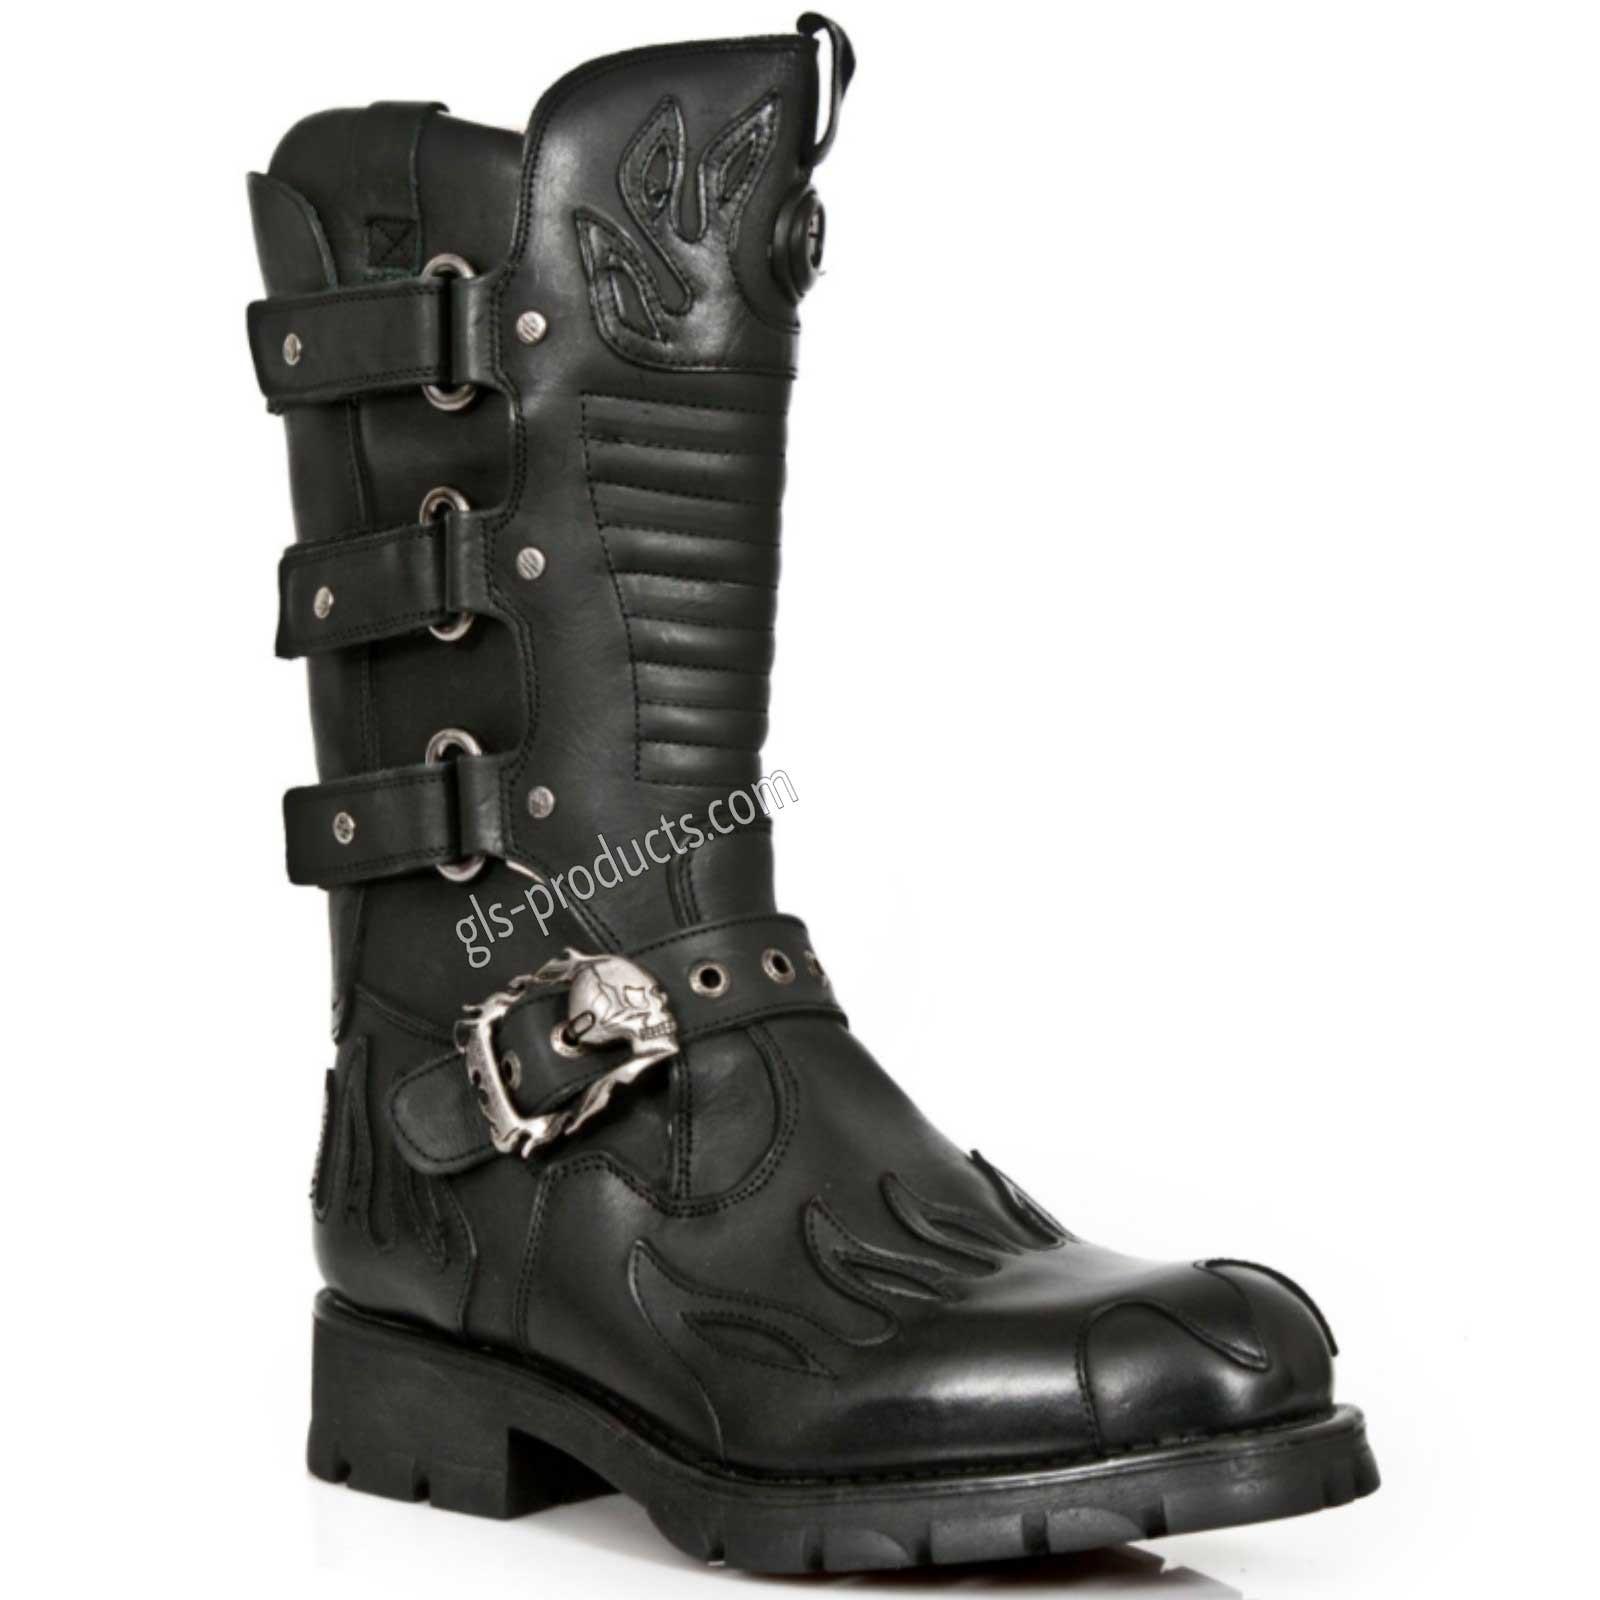 bb80f233b4b3 New Rock Biker Boots M 7603-C2